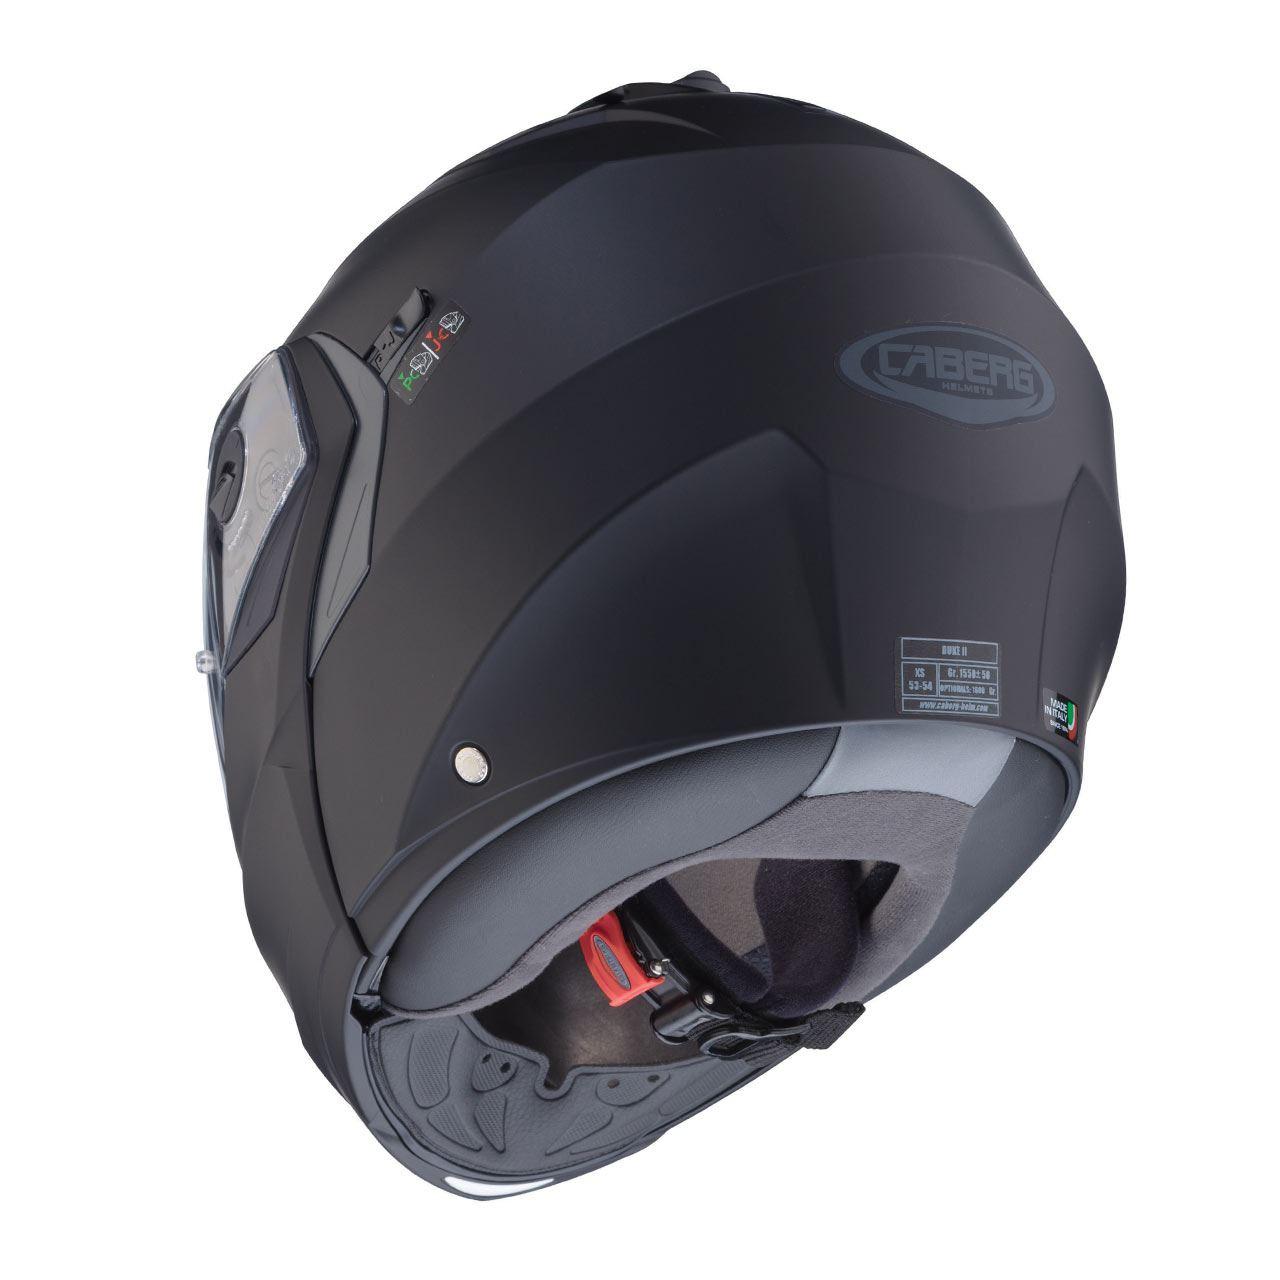 Caberg-Duke-II-Flip-Front-Motorcycle-Helmet-Modular-Bike-Sun-Visor-amp-Pinlock thumbnail 14